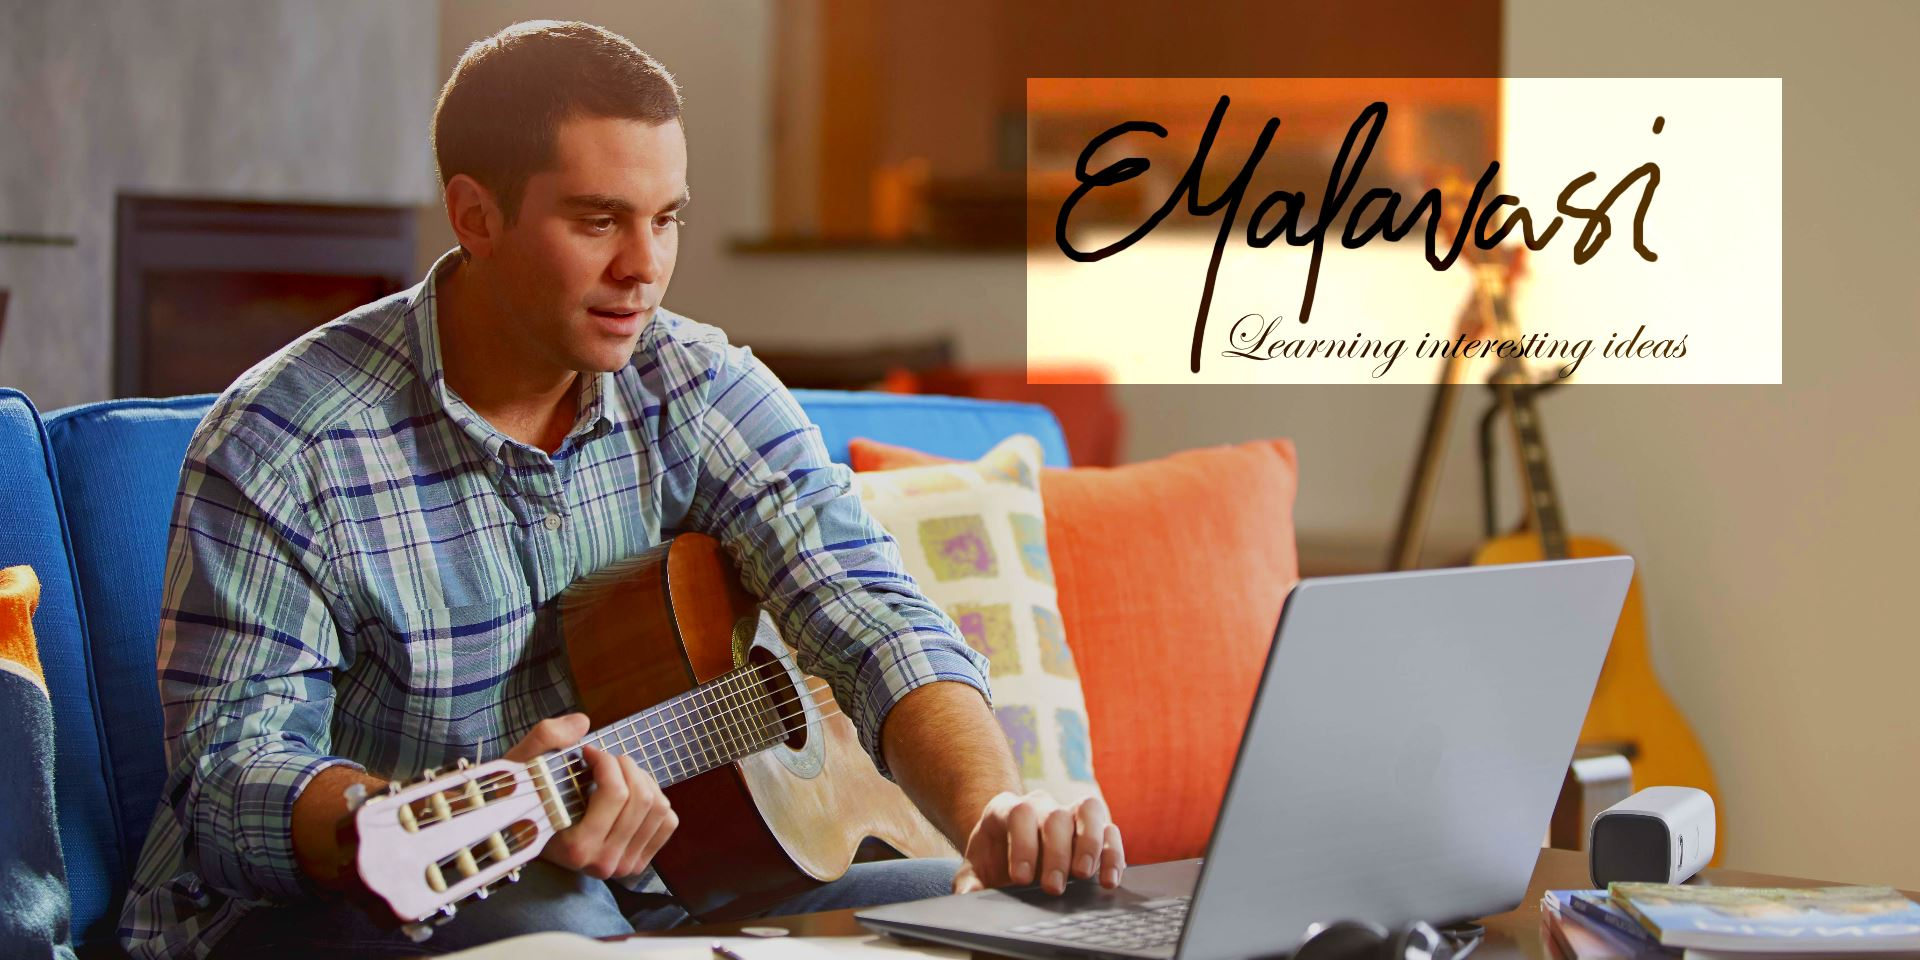 Eddy Malavasi